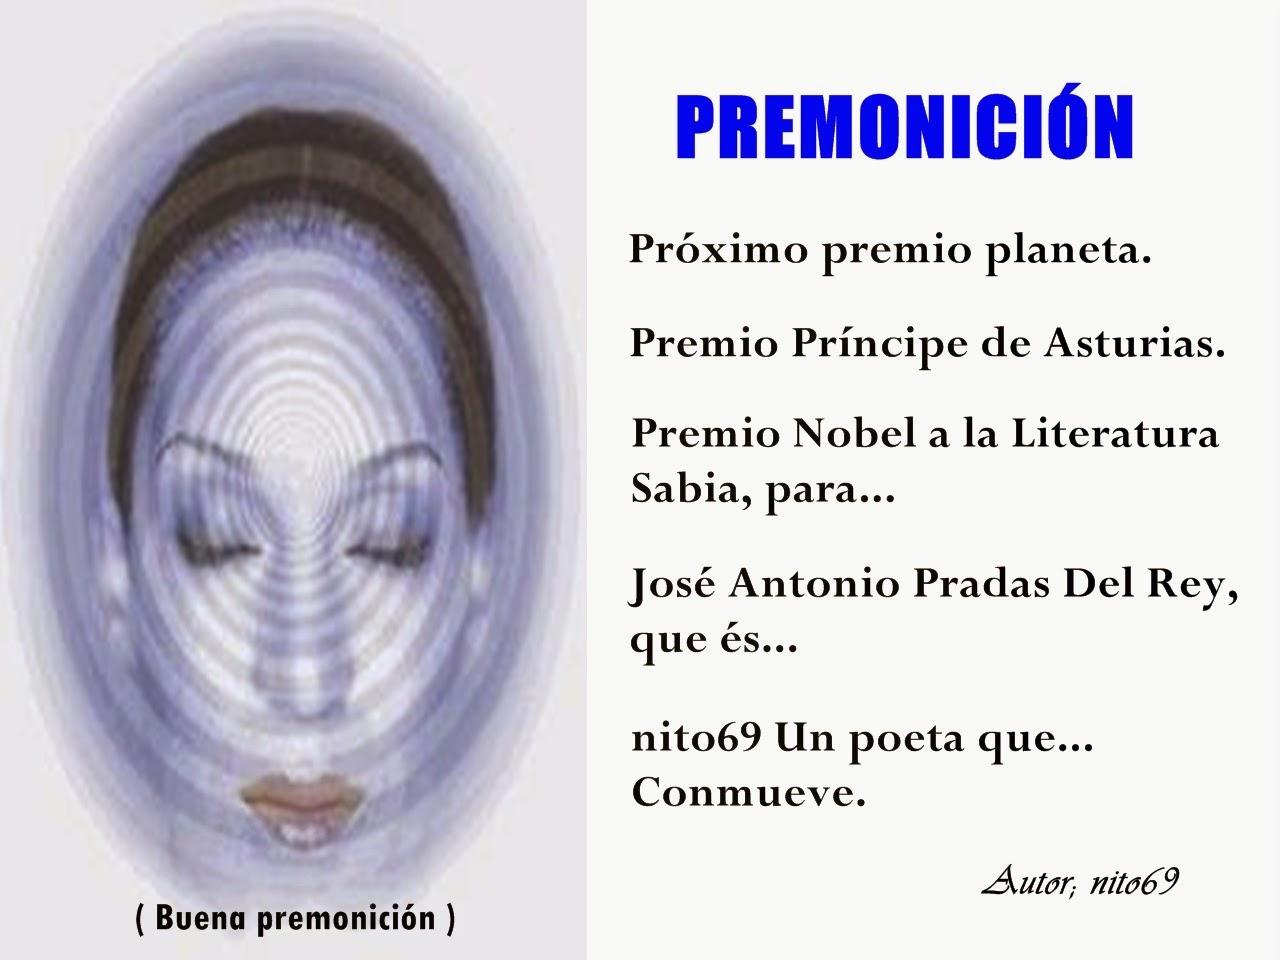 PREMONICIÓN ( buena premonición ).